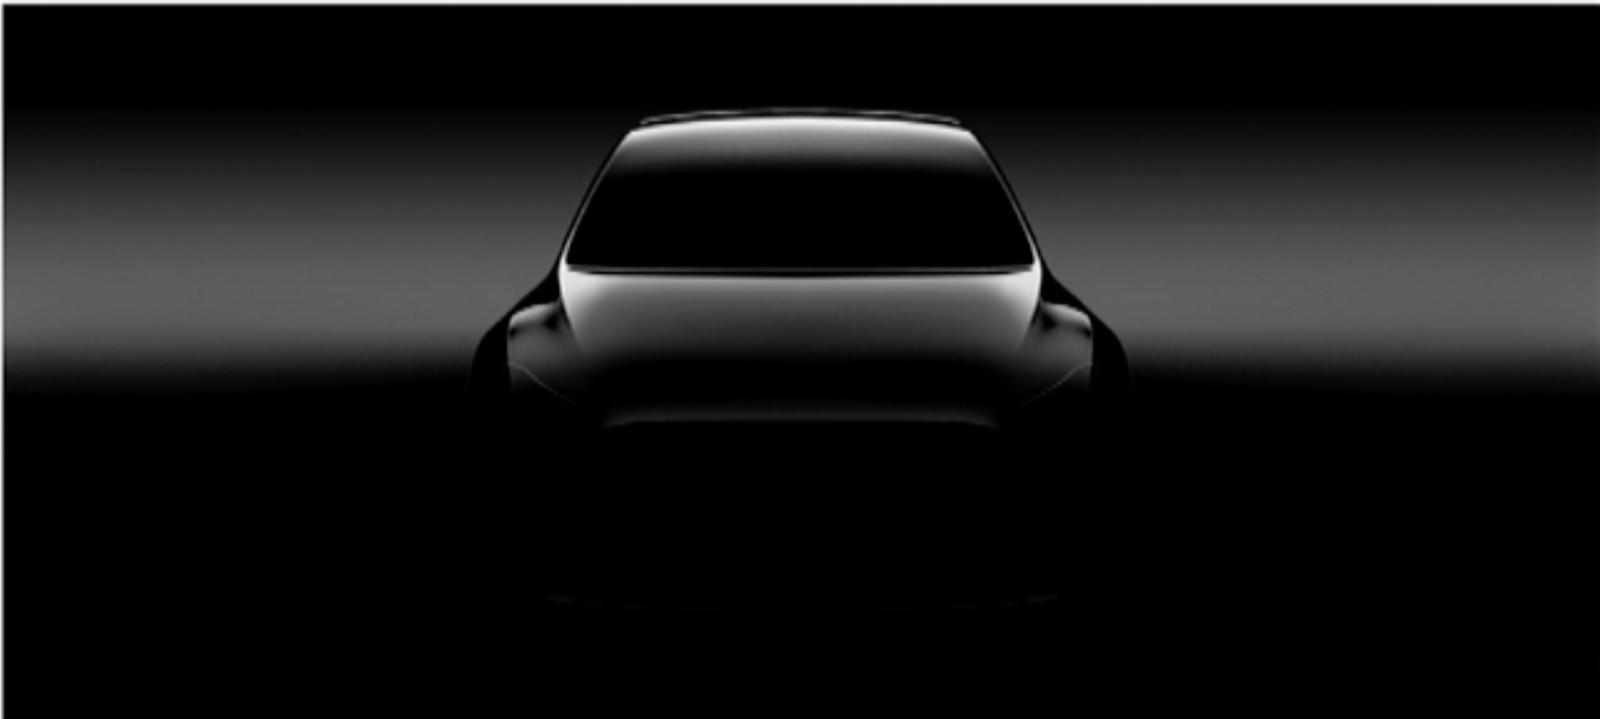 Tesla pick-up: model Y